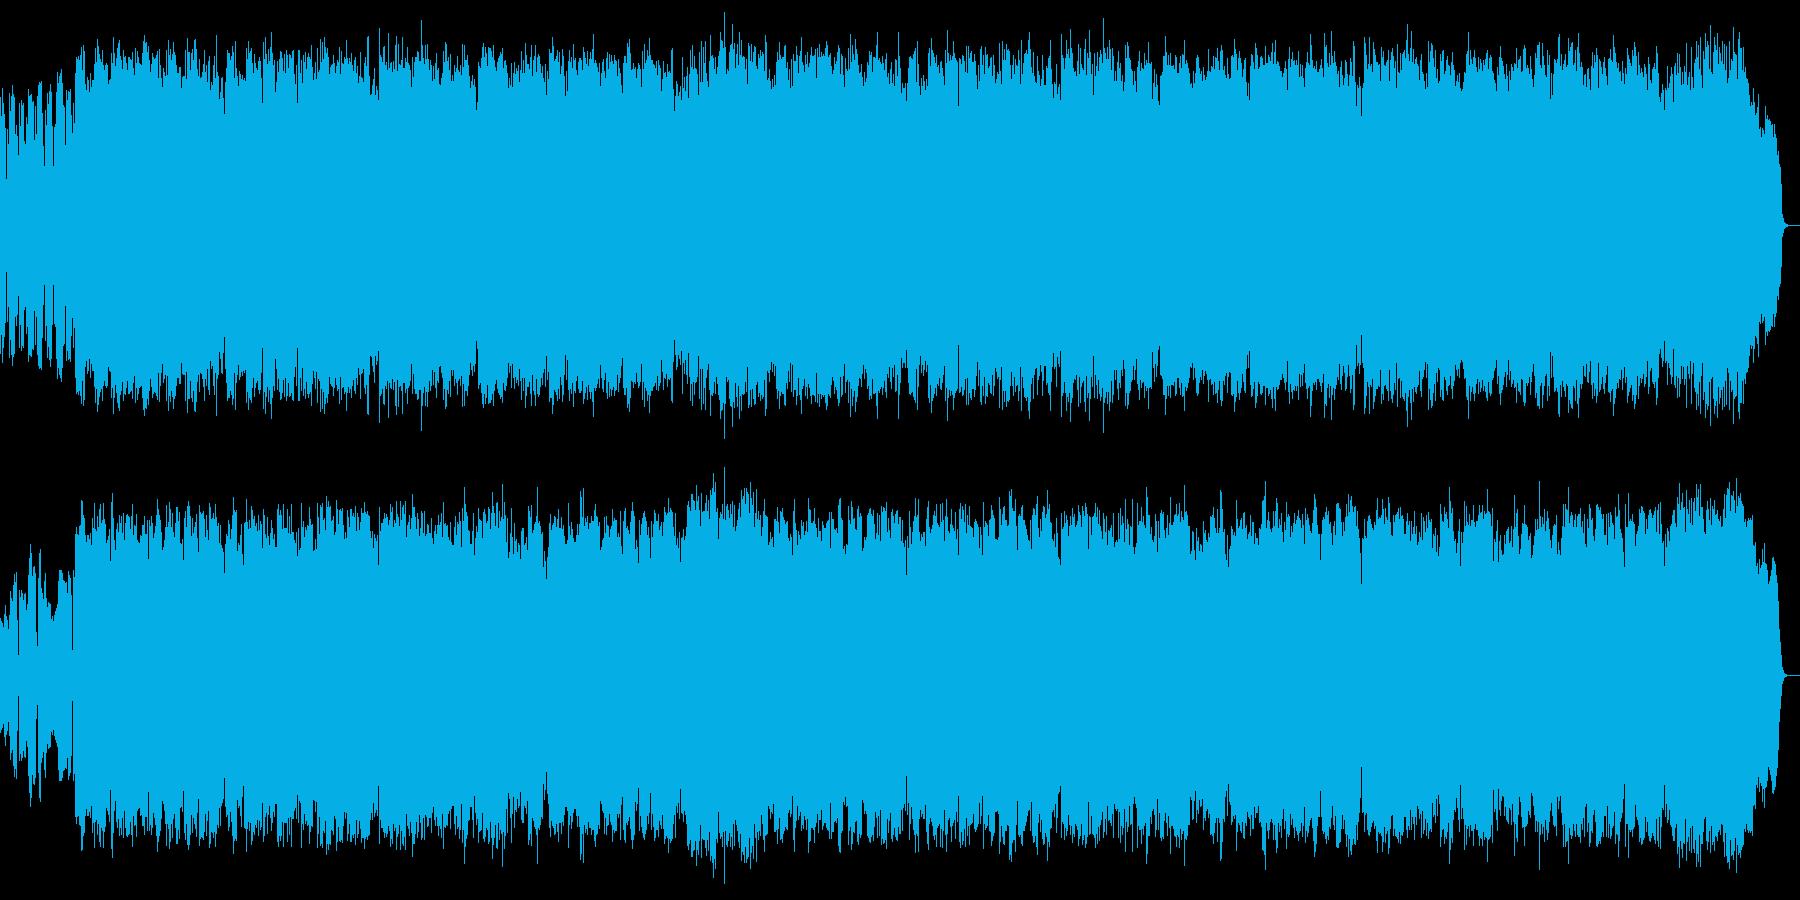 語り諭すような旋律をサックスが奏でますの再生済みの波形